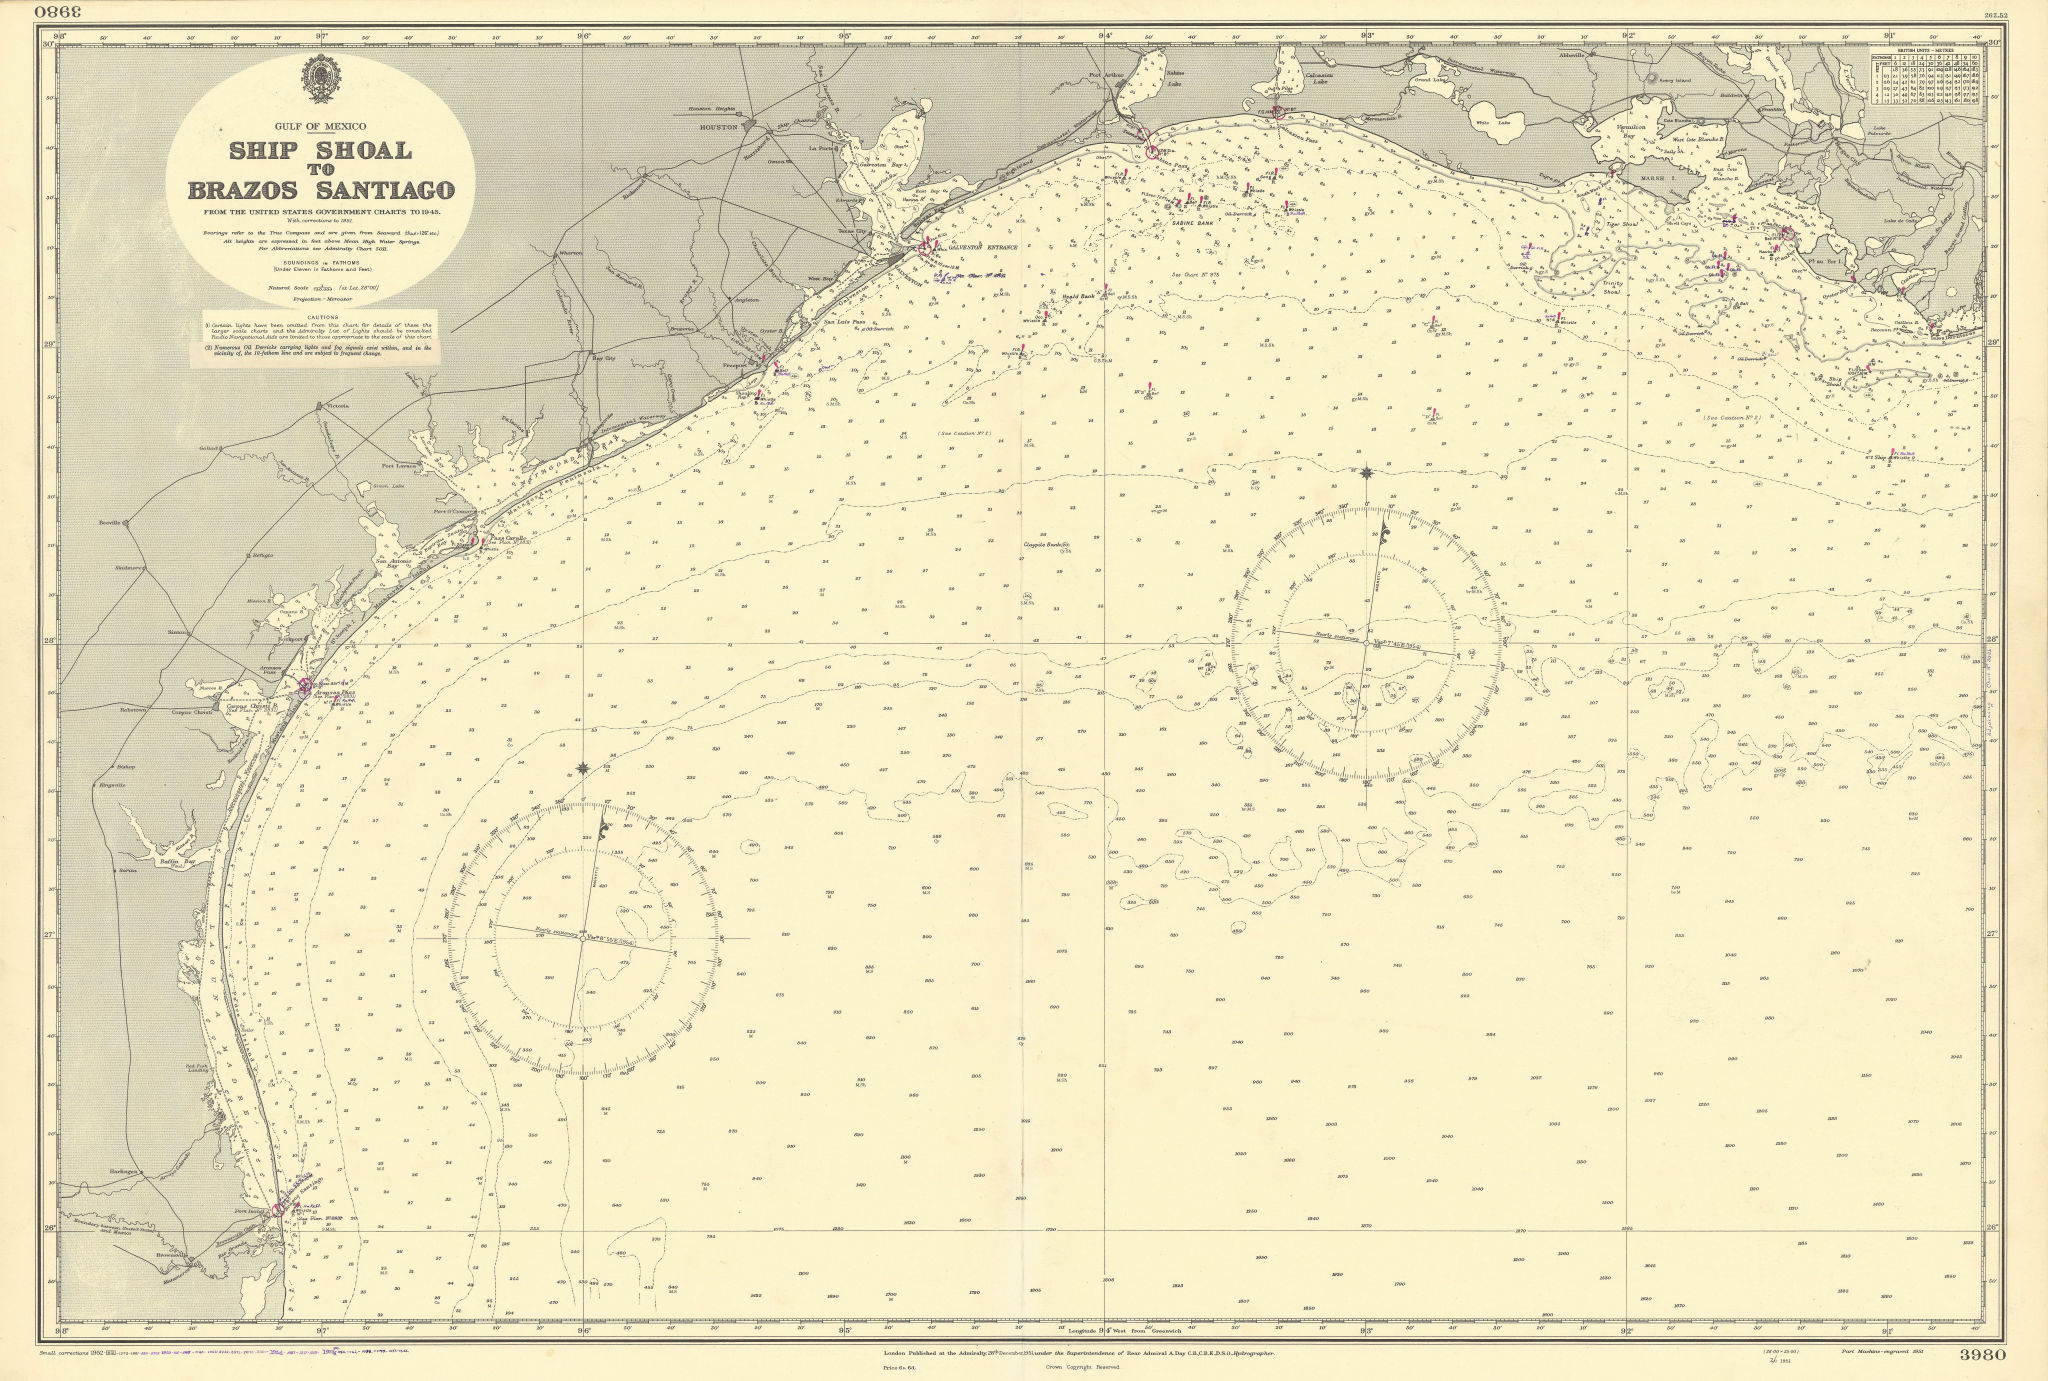 Texas & Louisiana coast. Gulf of Mexico. ADMIRALTY sea chart 1951 (1955) map